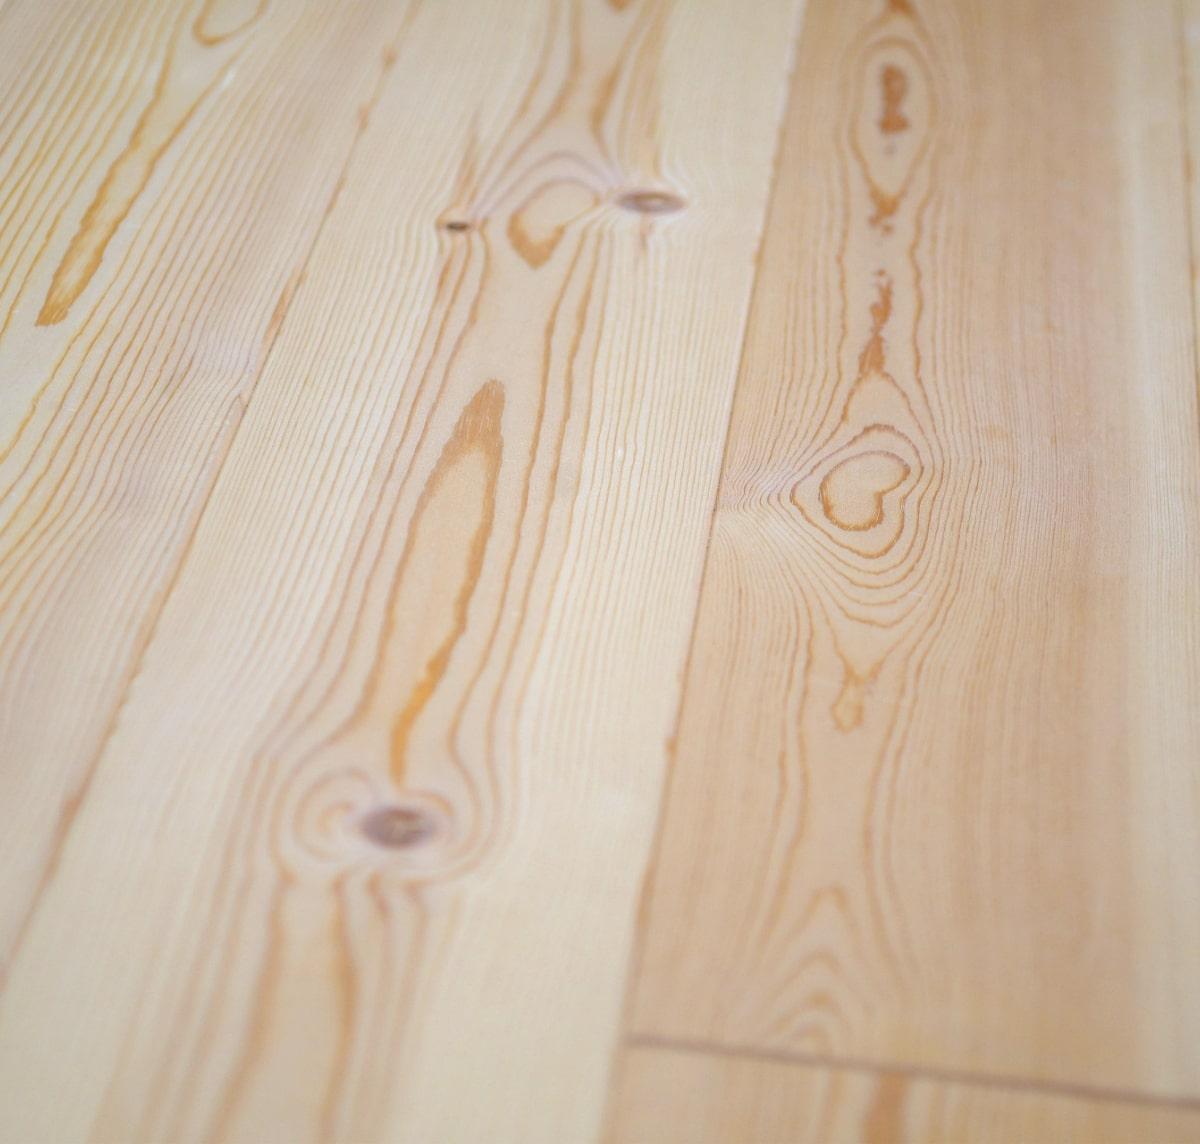 木質系床材のイメージ